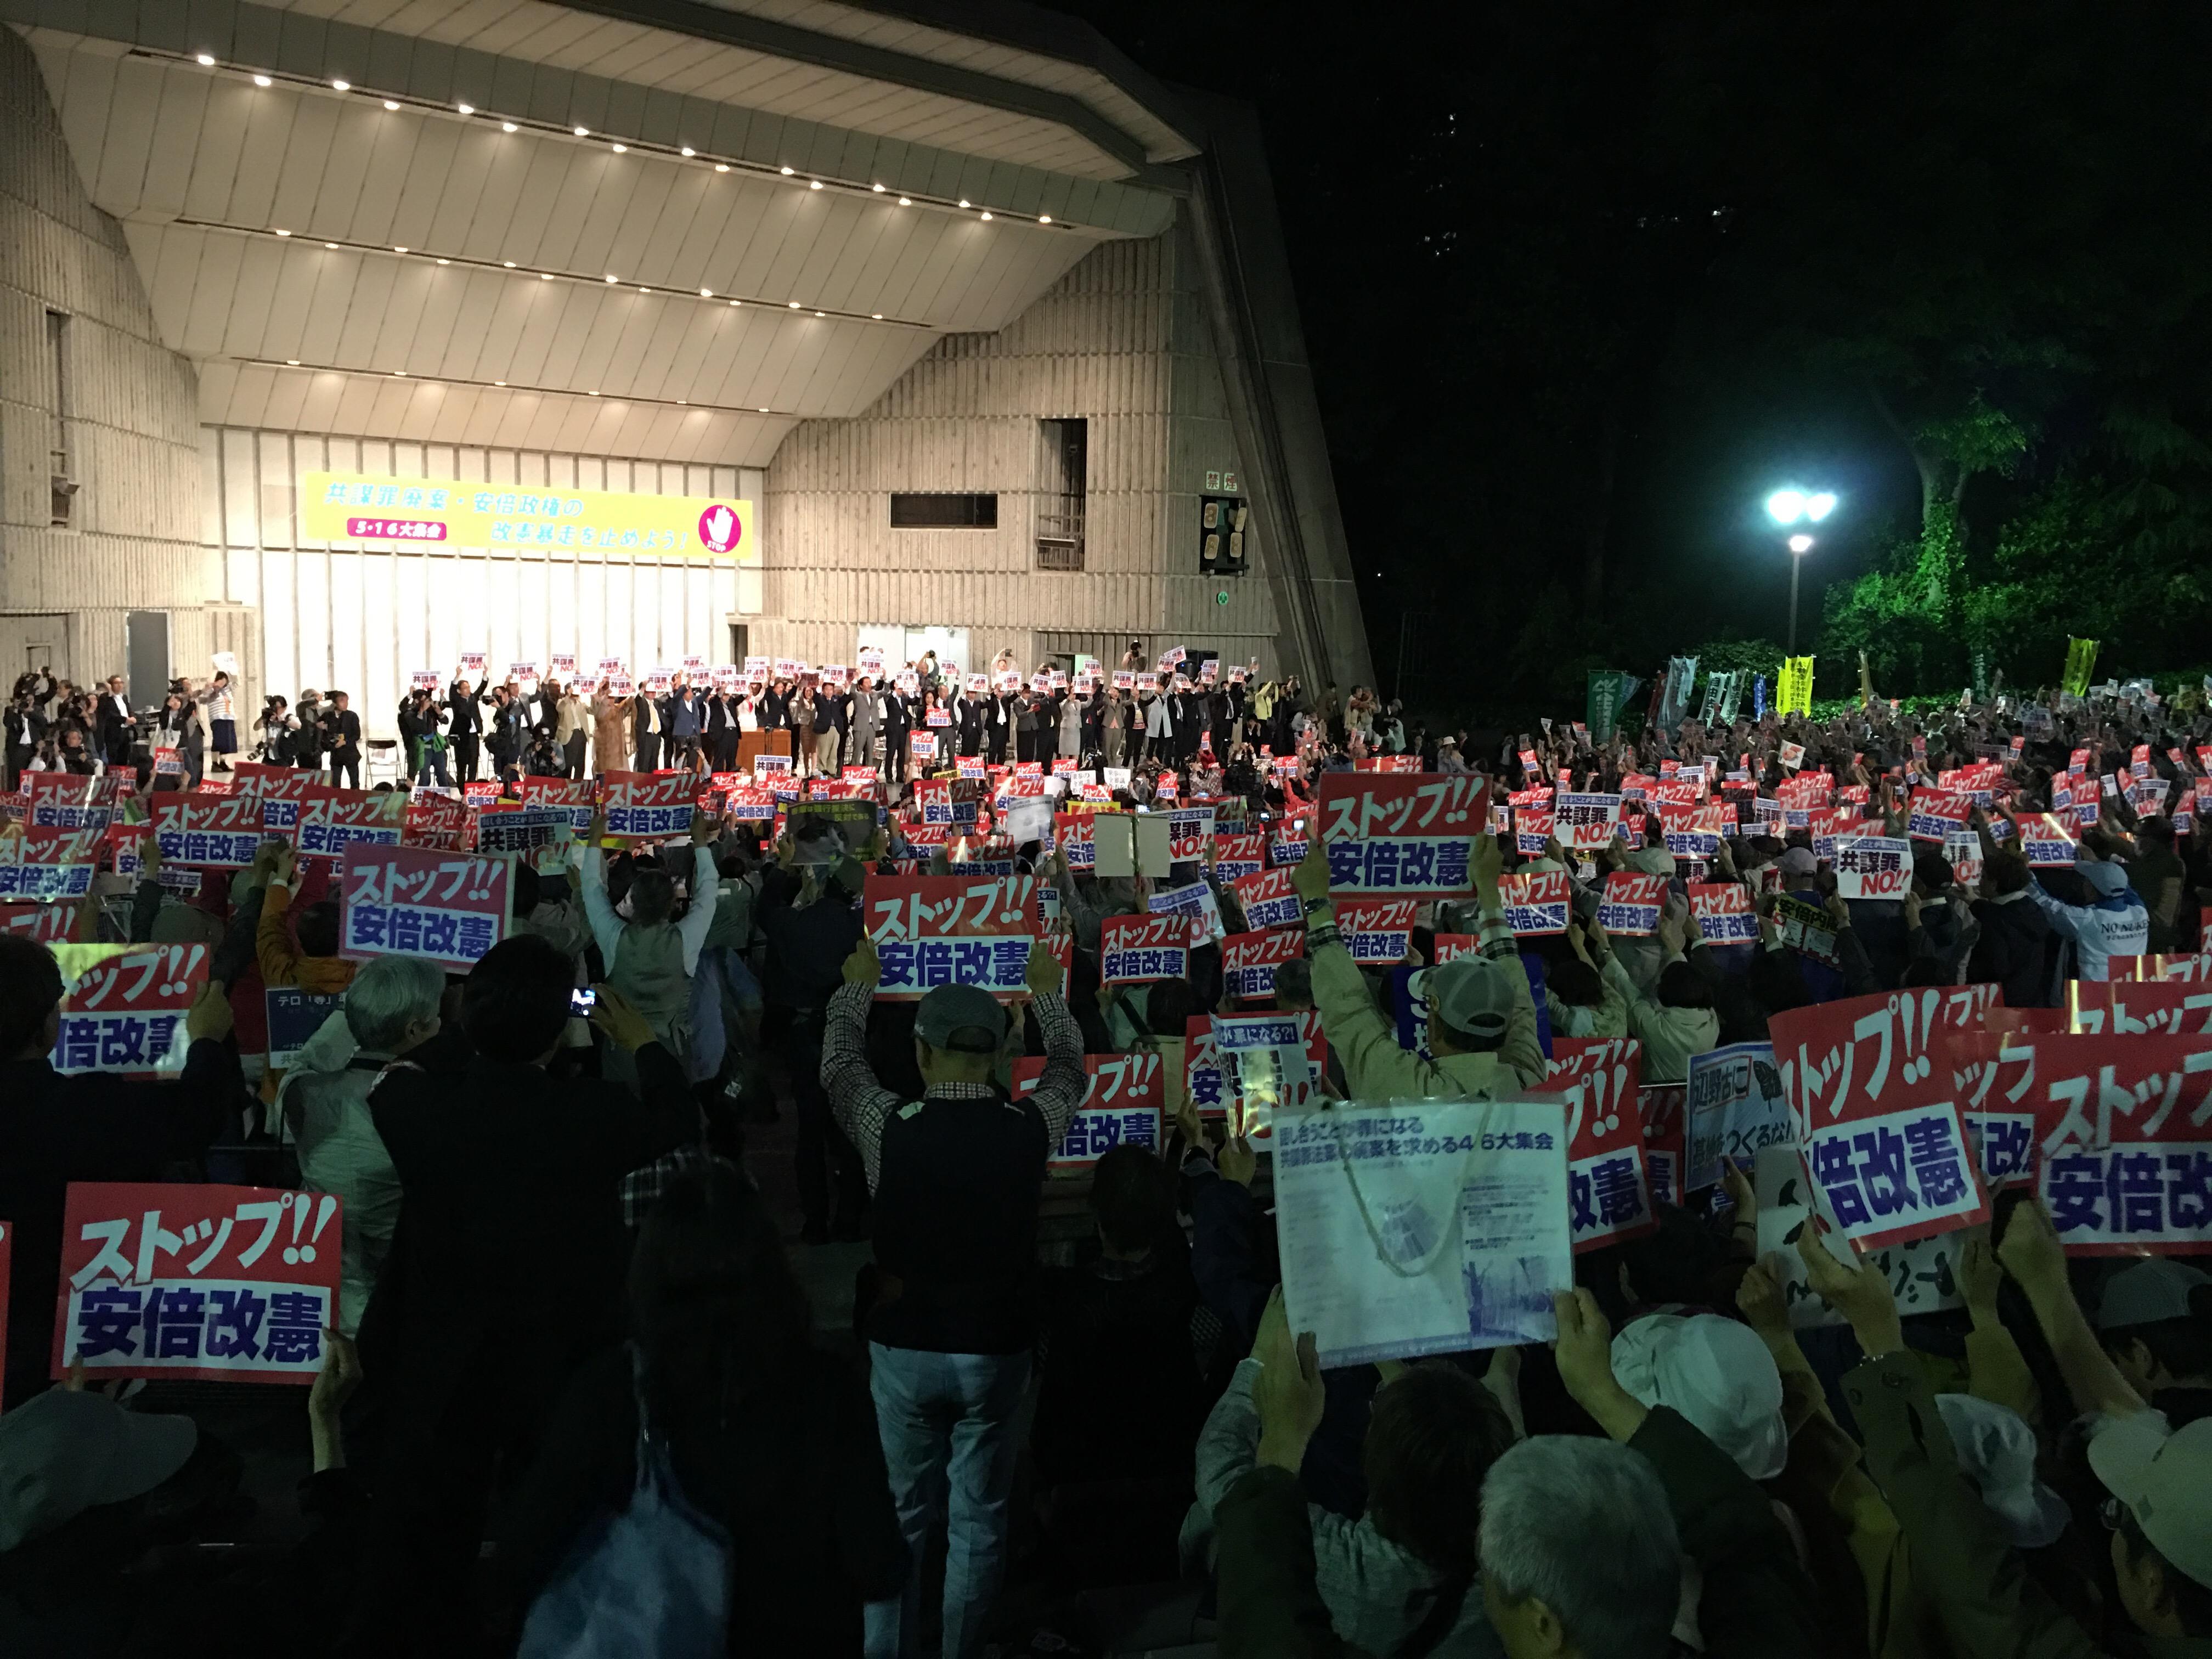 共謀罪廃案・安倍政権の暴走を止めよう!5・16大集会に結集!